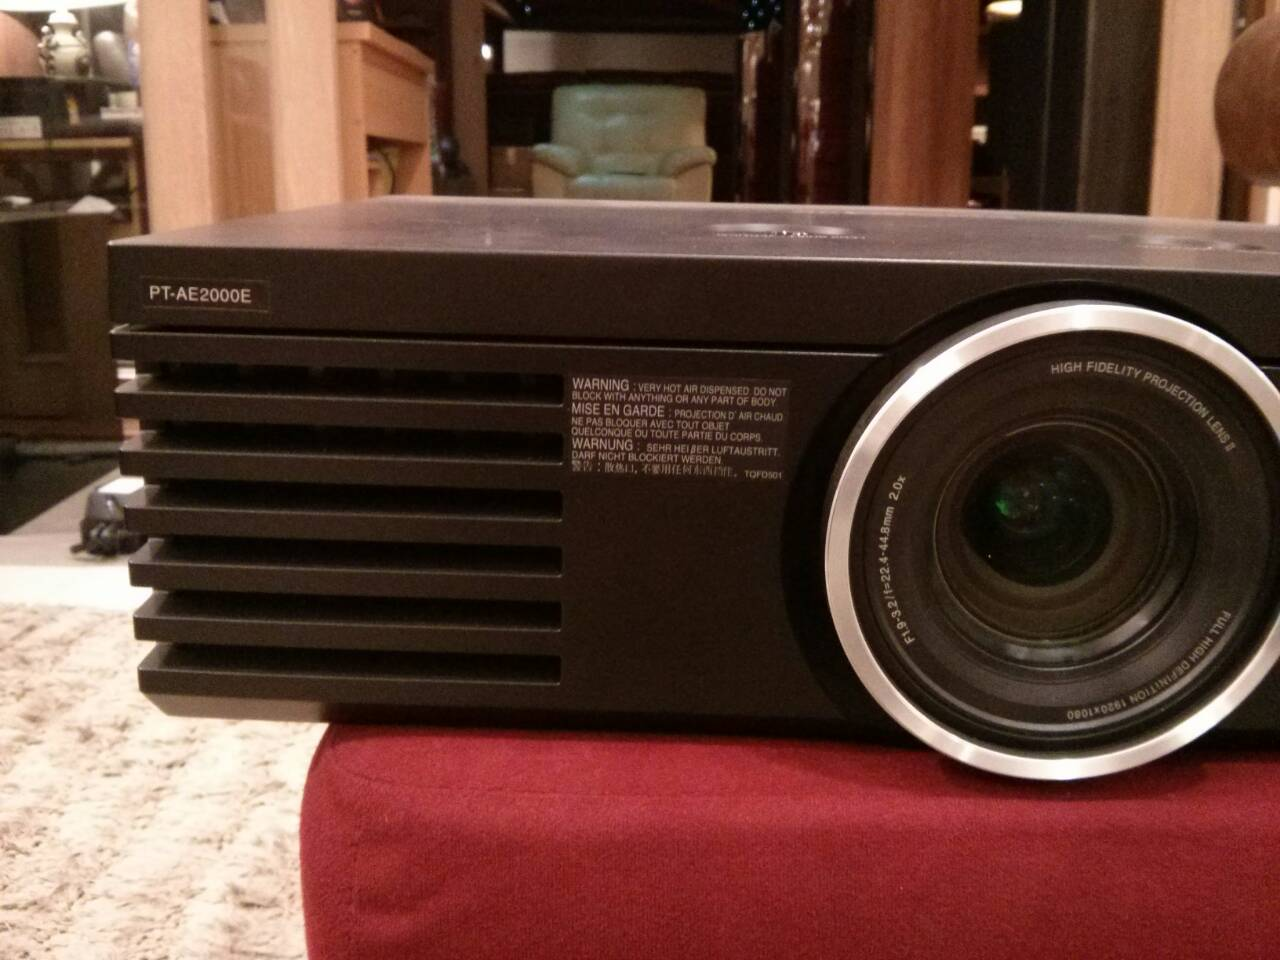 ขายโปรเจ็คเตอร์ Panasonic AE-2000 สภาพ 75% พร้อมจอ Magic Screen 90 นิ้ว Fixed